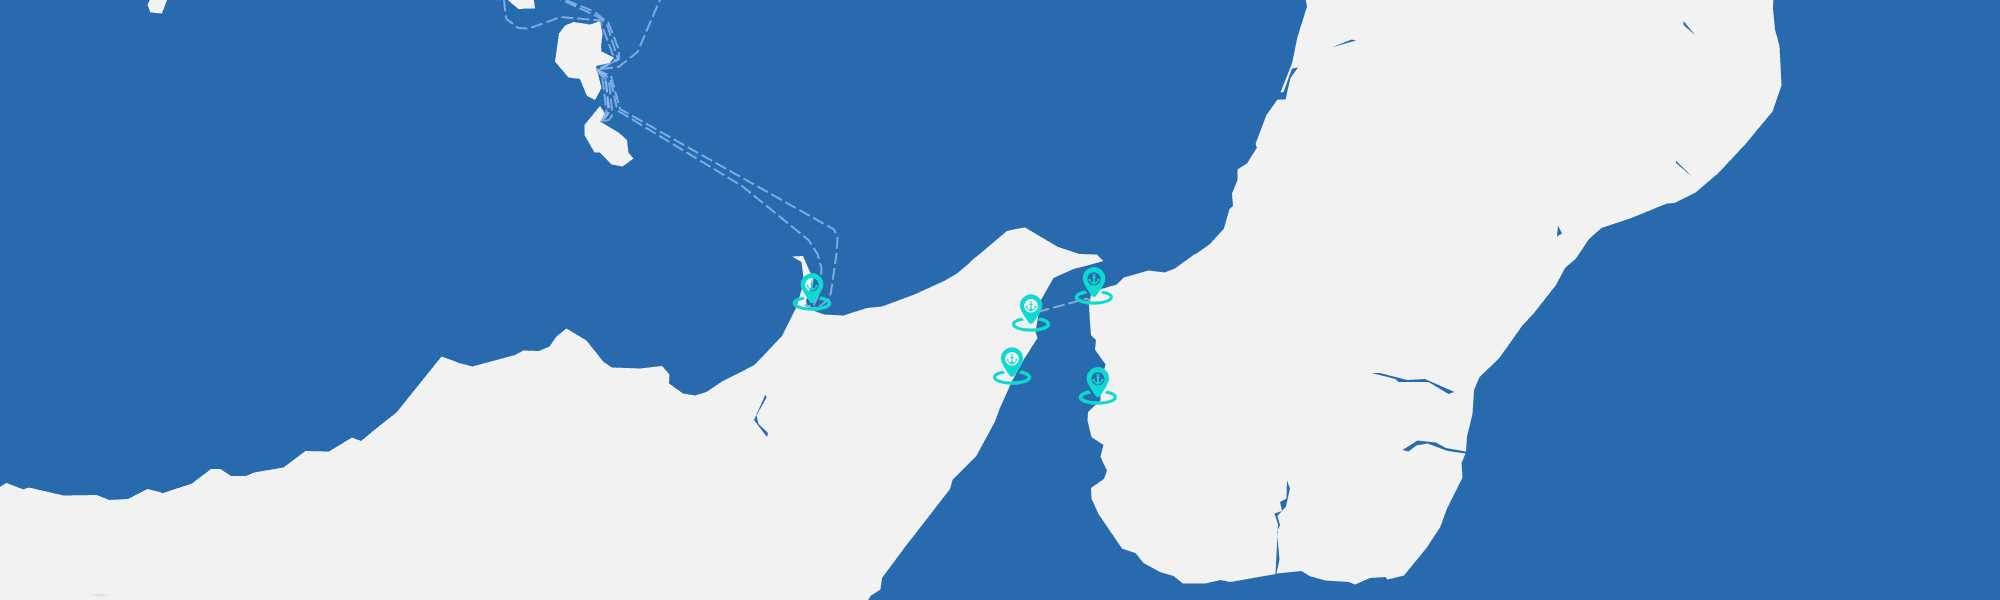 immagine Mappa dei porti dello Stretto